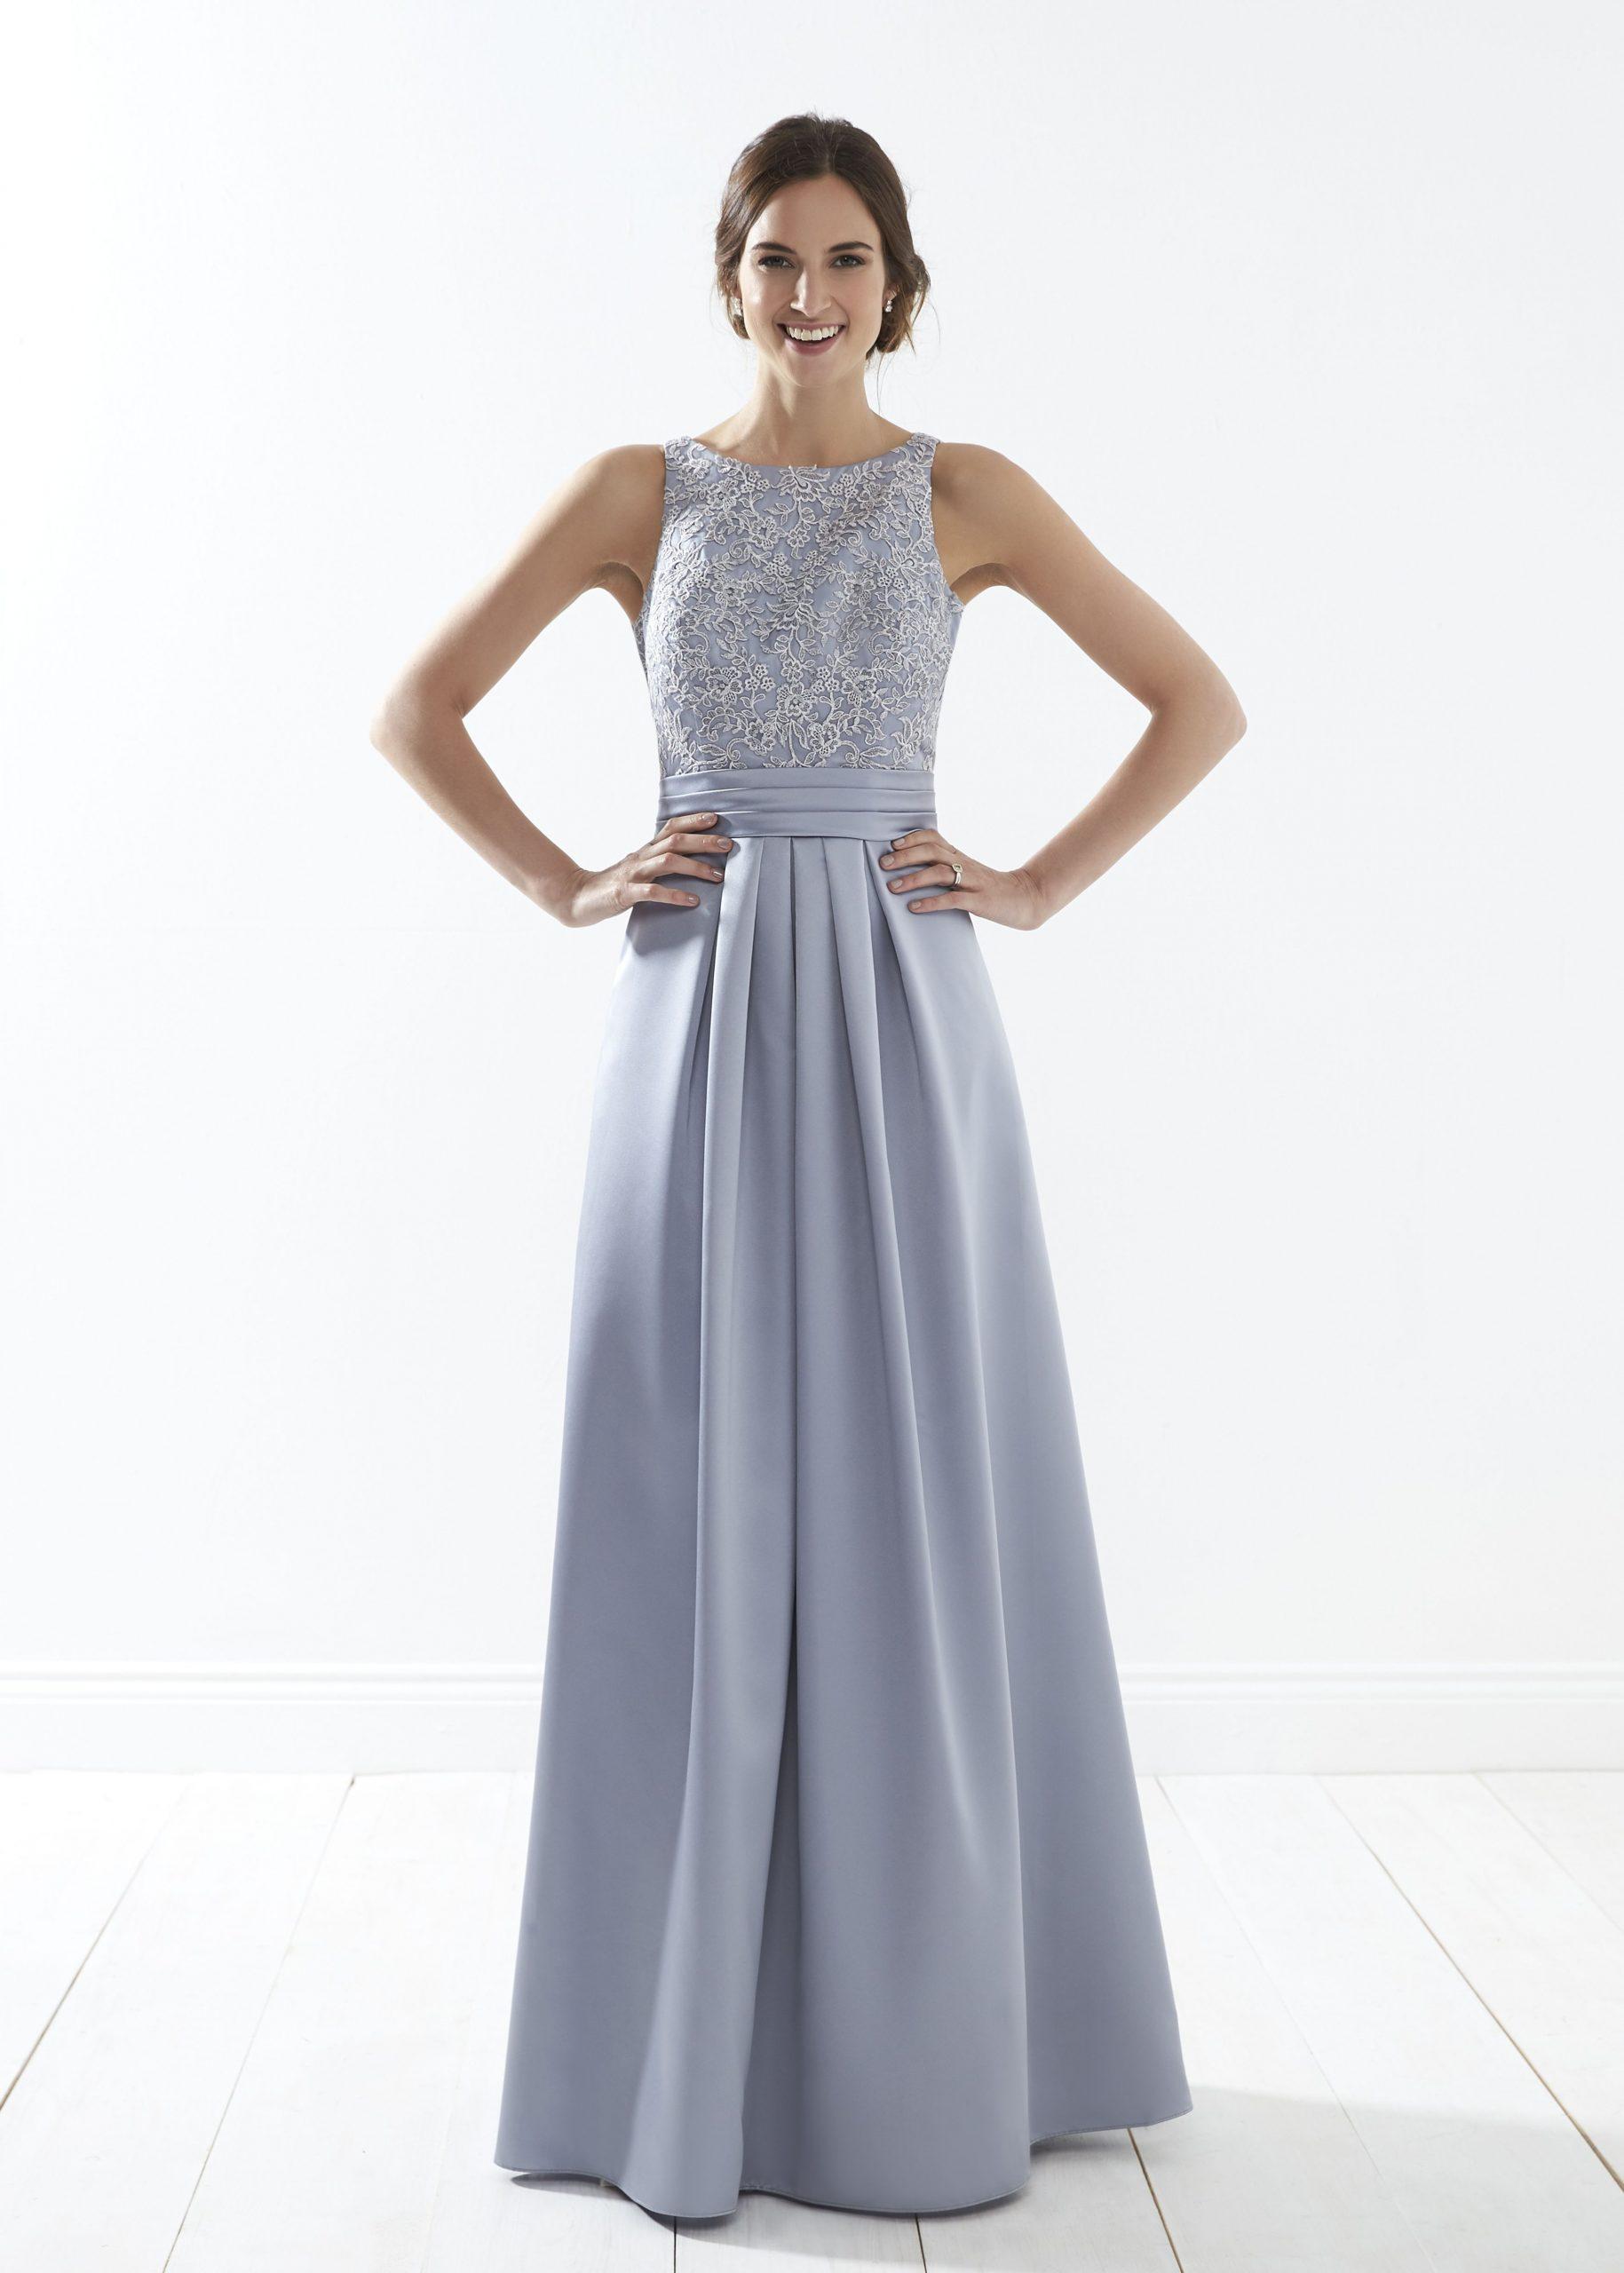 9 Spektakulär Abendkleider Neumünster Vertrieb - Abendkleid